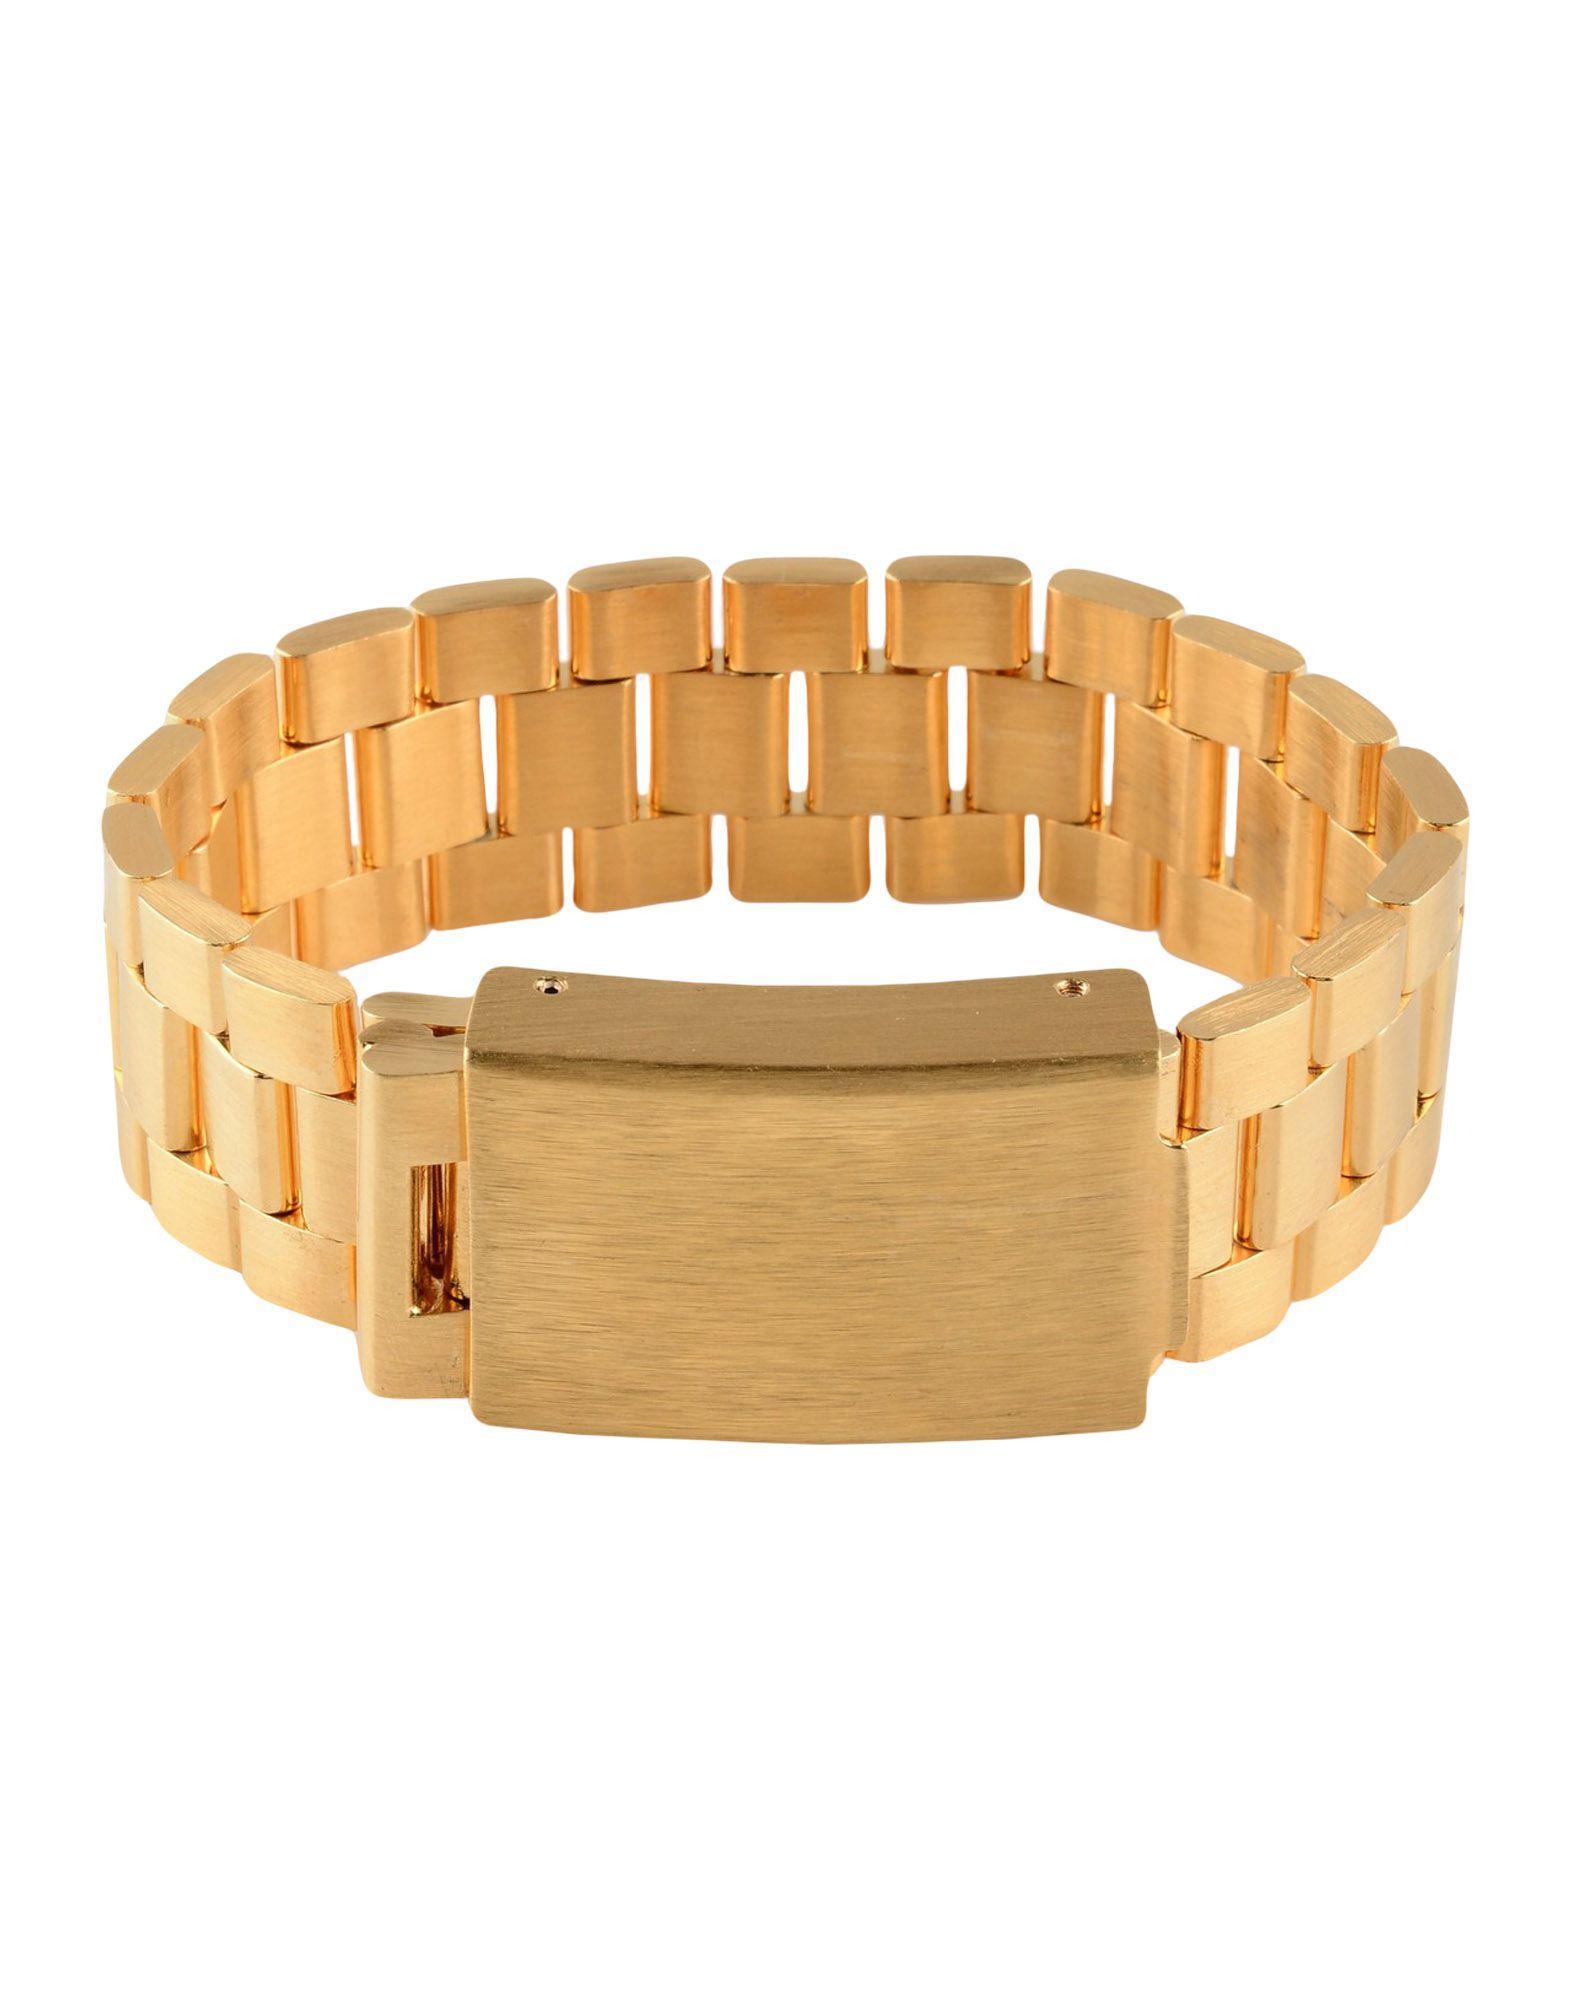 Acne Studios Bracelets In Gold